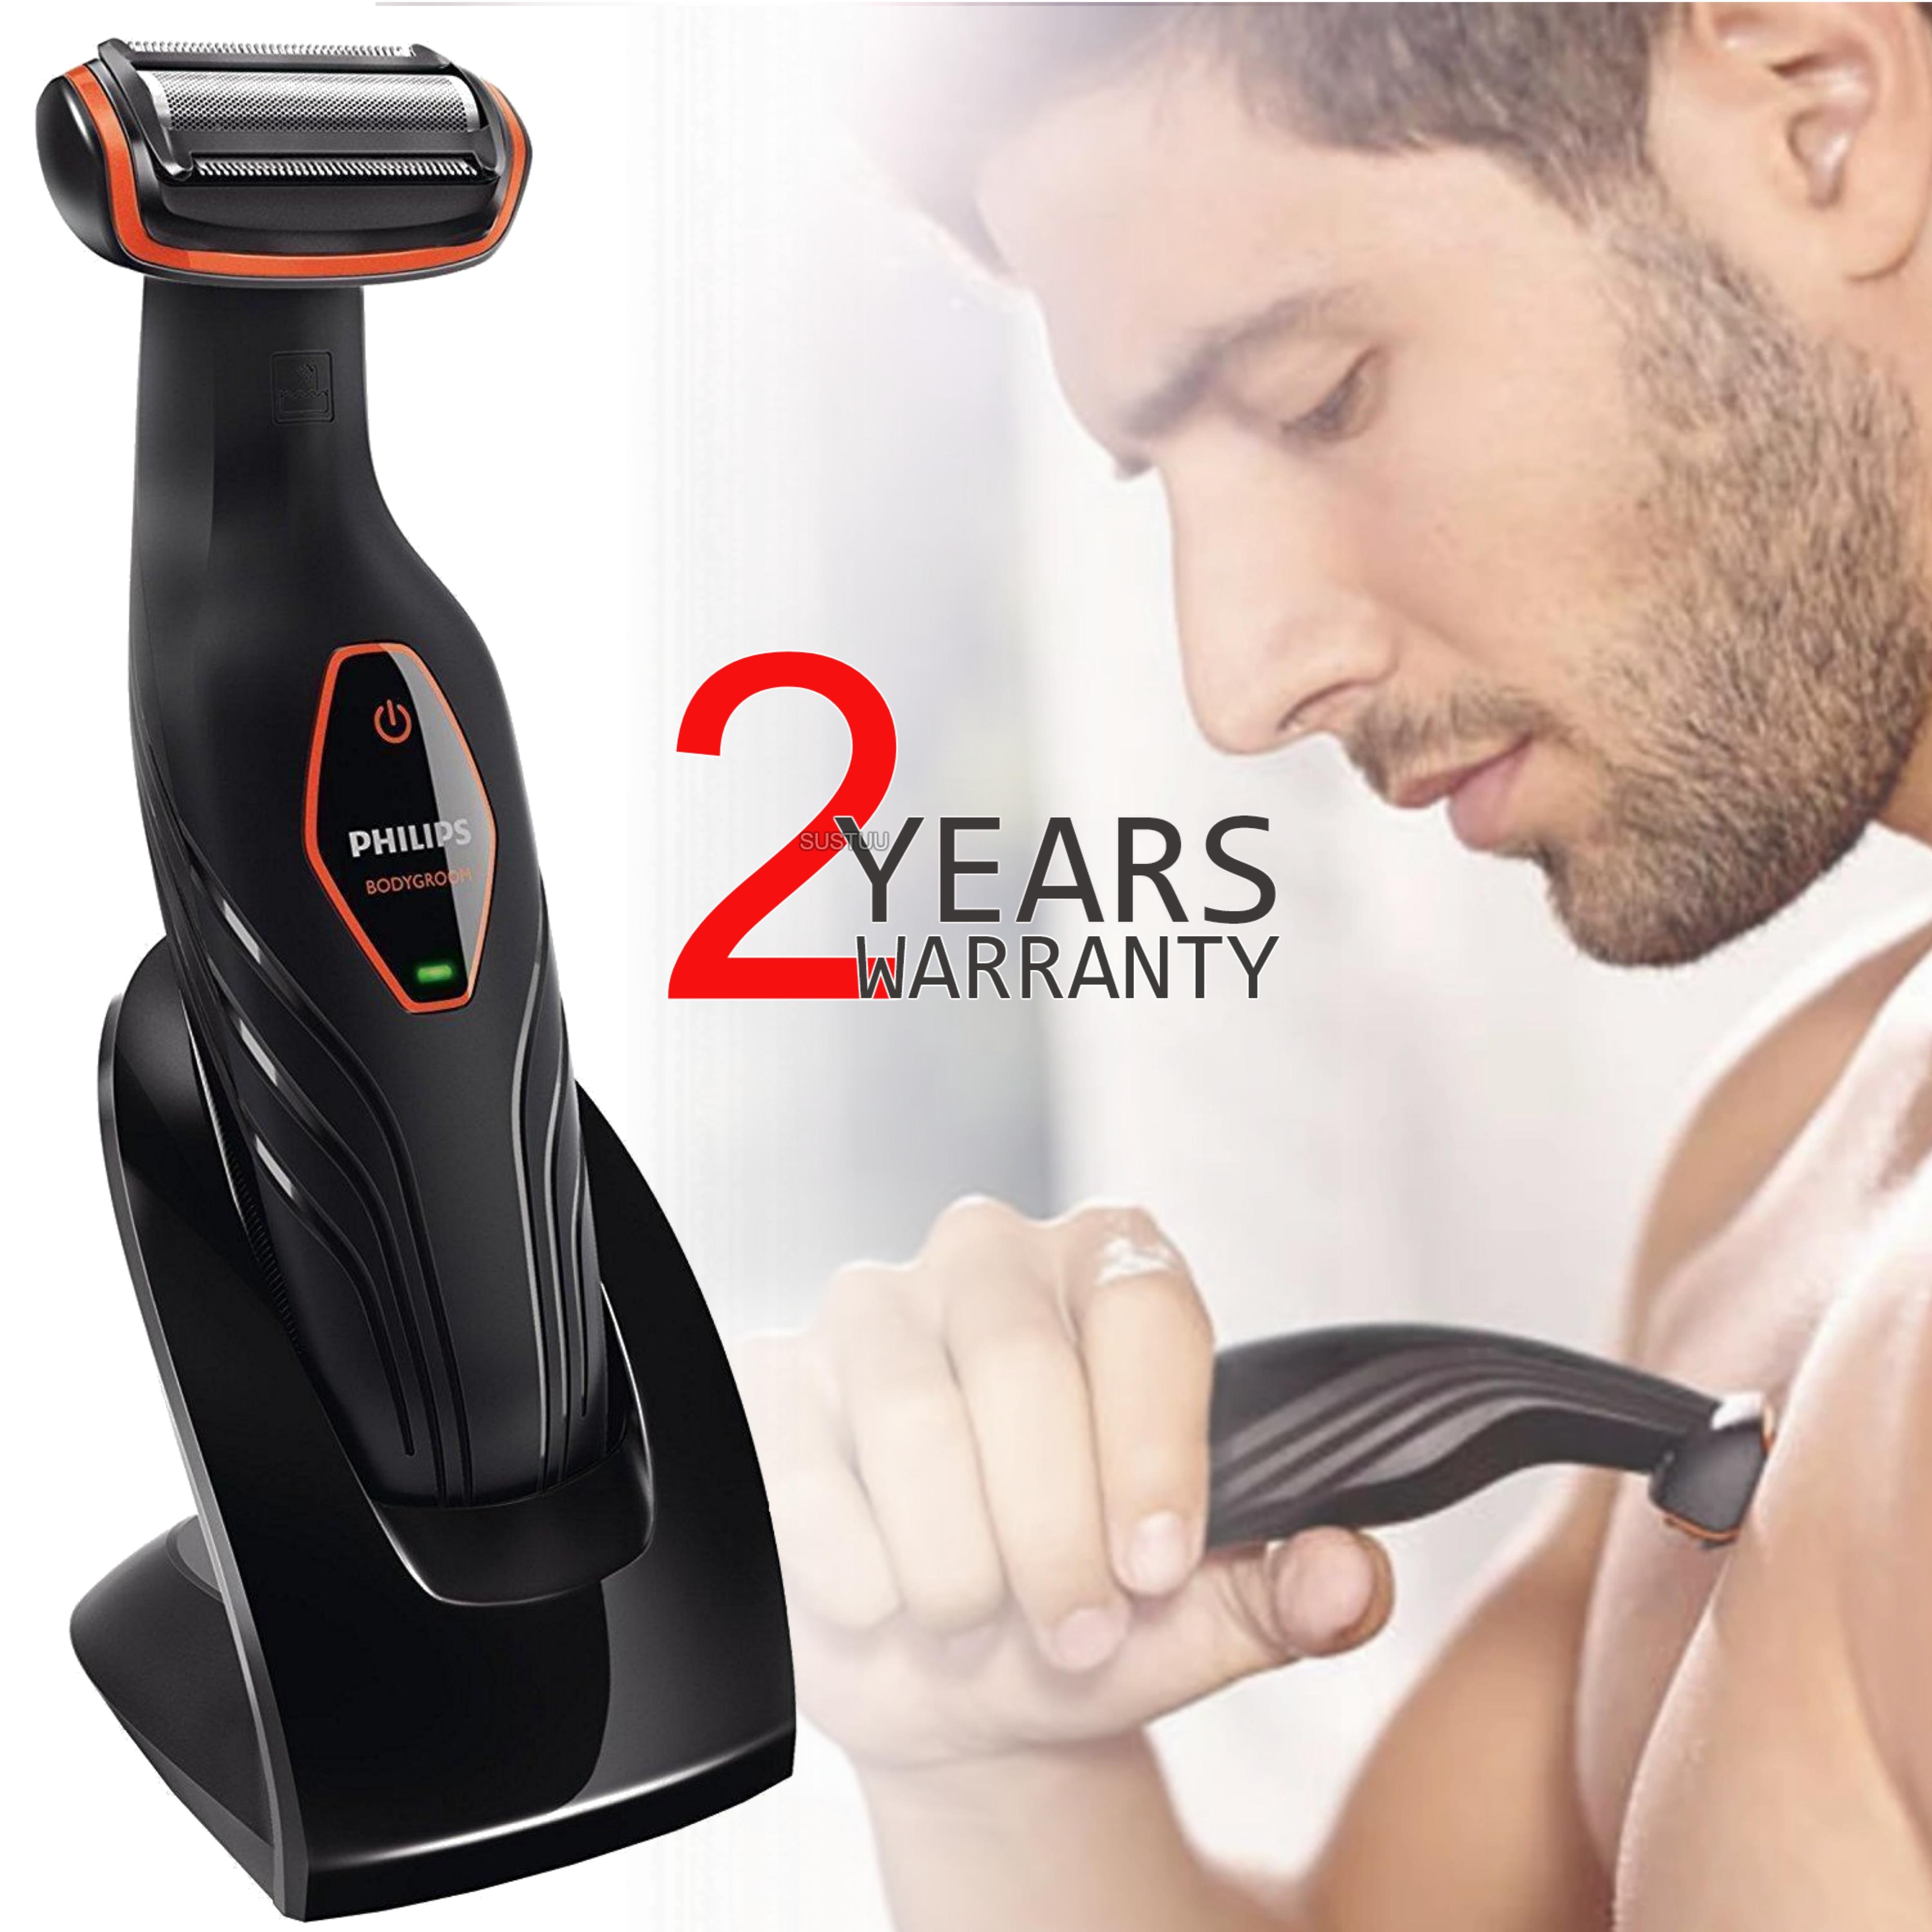 Philips Series 3000?Mens Showerproof Body Groomer?Cordless Hair Trimer/ Shaver